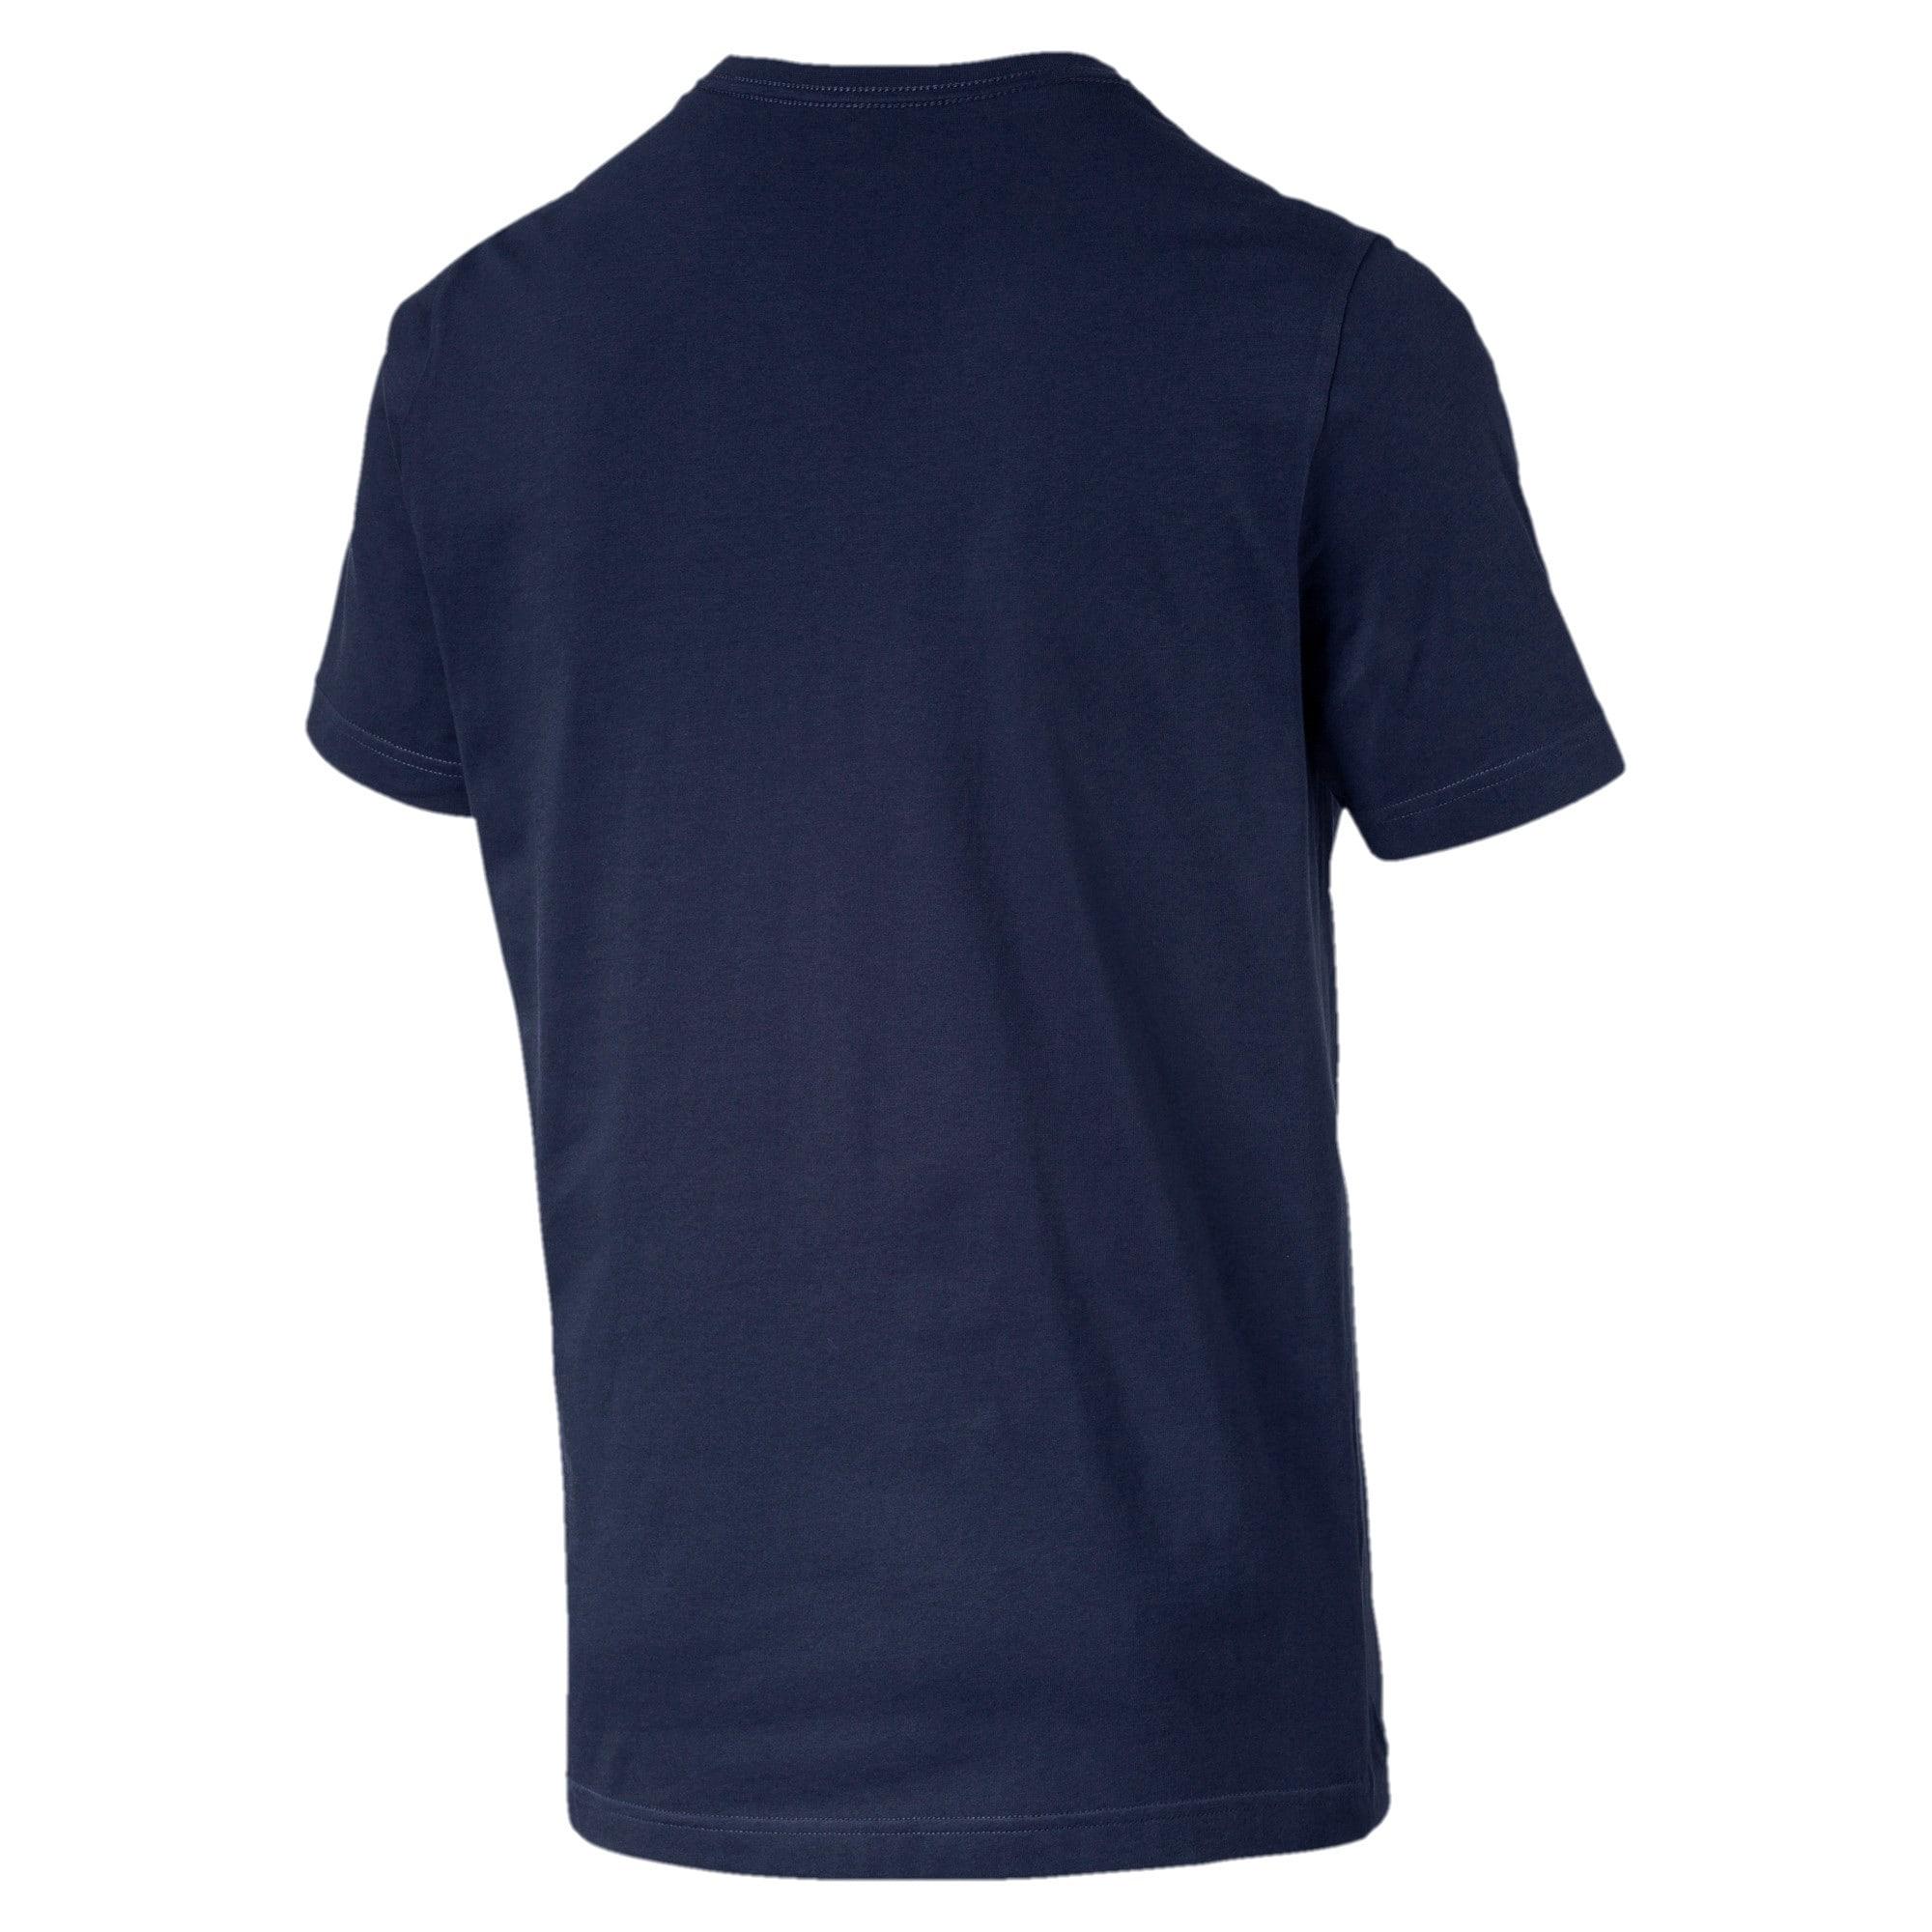 Thumbnail 5 of T-shirt con logo piccolo Essentials uomo, Peacoat-_Cat, medium